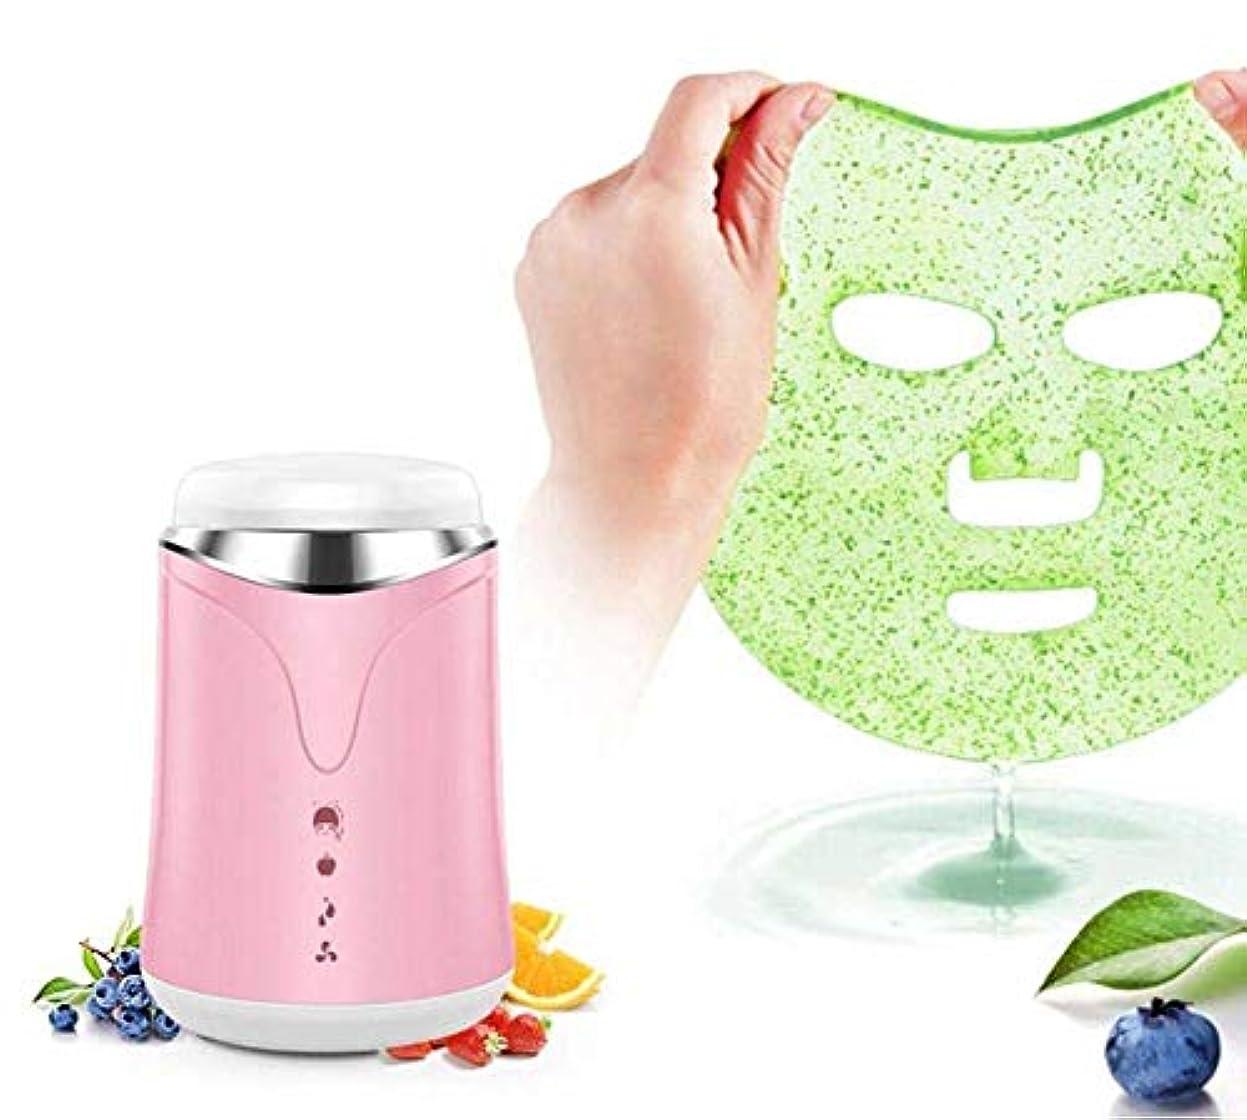 相談する戻すレイア果物と野菜のマスクを作るマシン、顔の汽船インテリジェント自動フェイシャルケア機器/保湿美容機器自家製の液体マスク,Pink